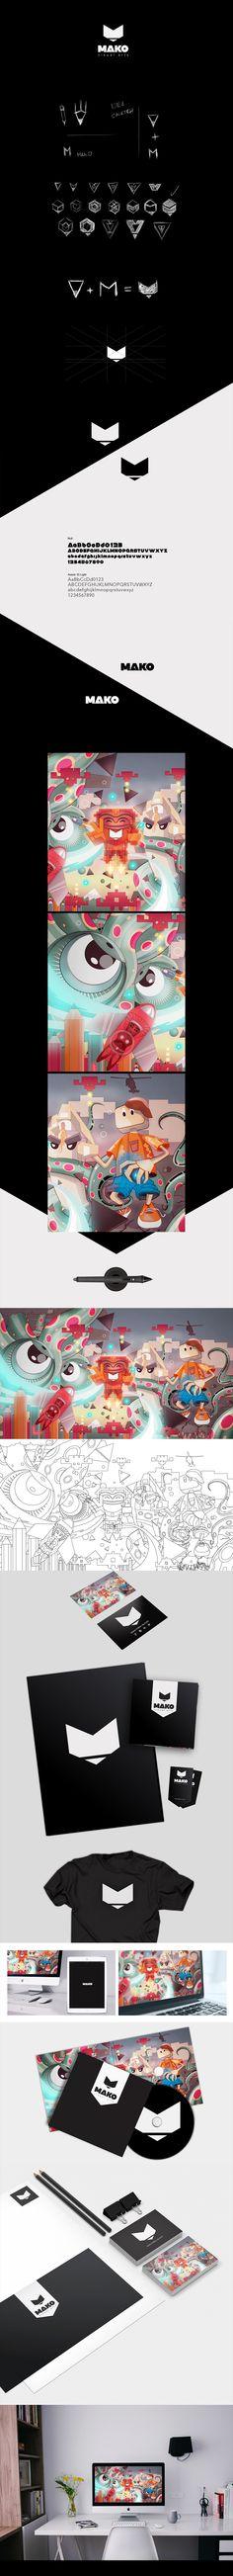 Mako Visual Arts - Brand identity #Logo #Design #Branding #Identity #Illustration